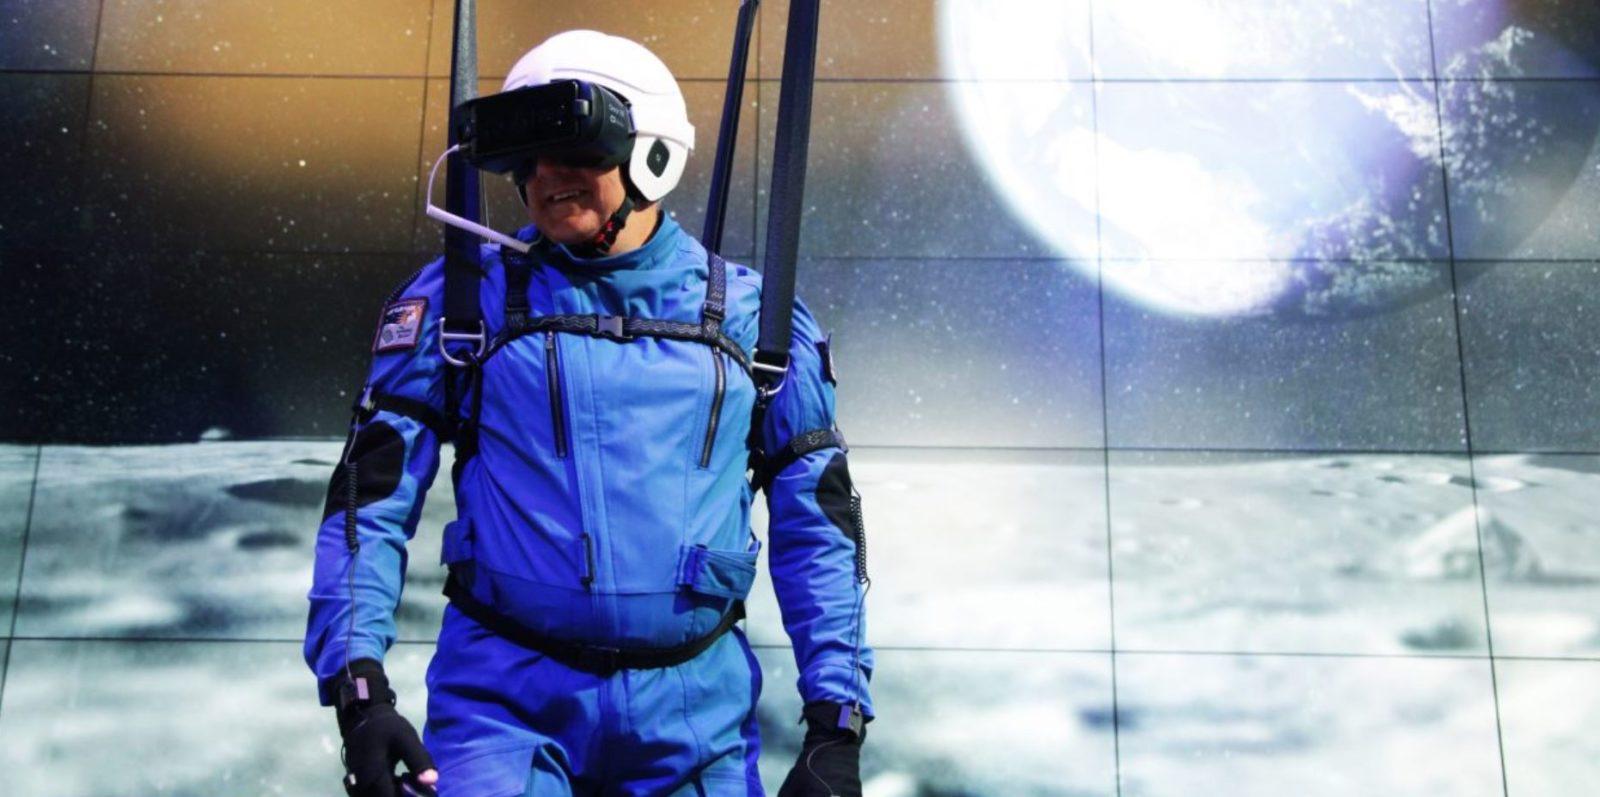 三星携手NASA共同开发VR游戏 逼真体验月球行走